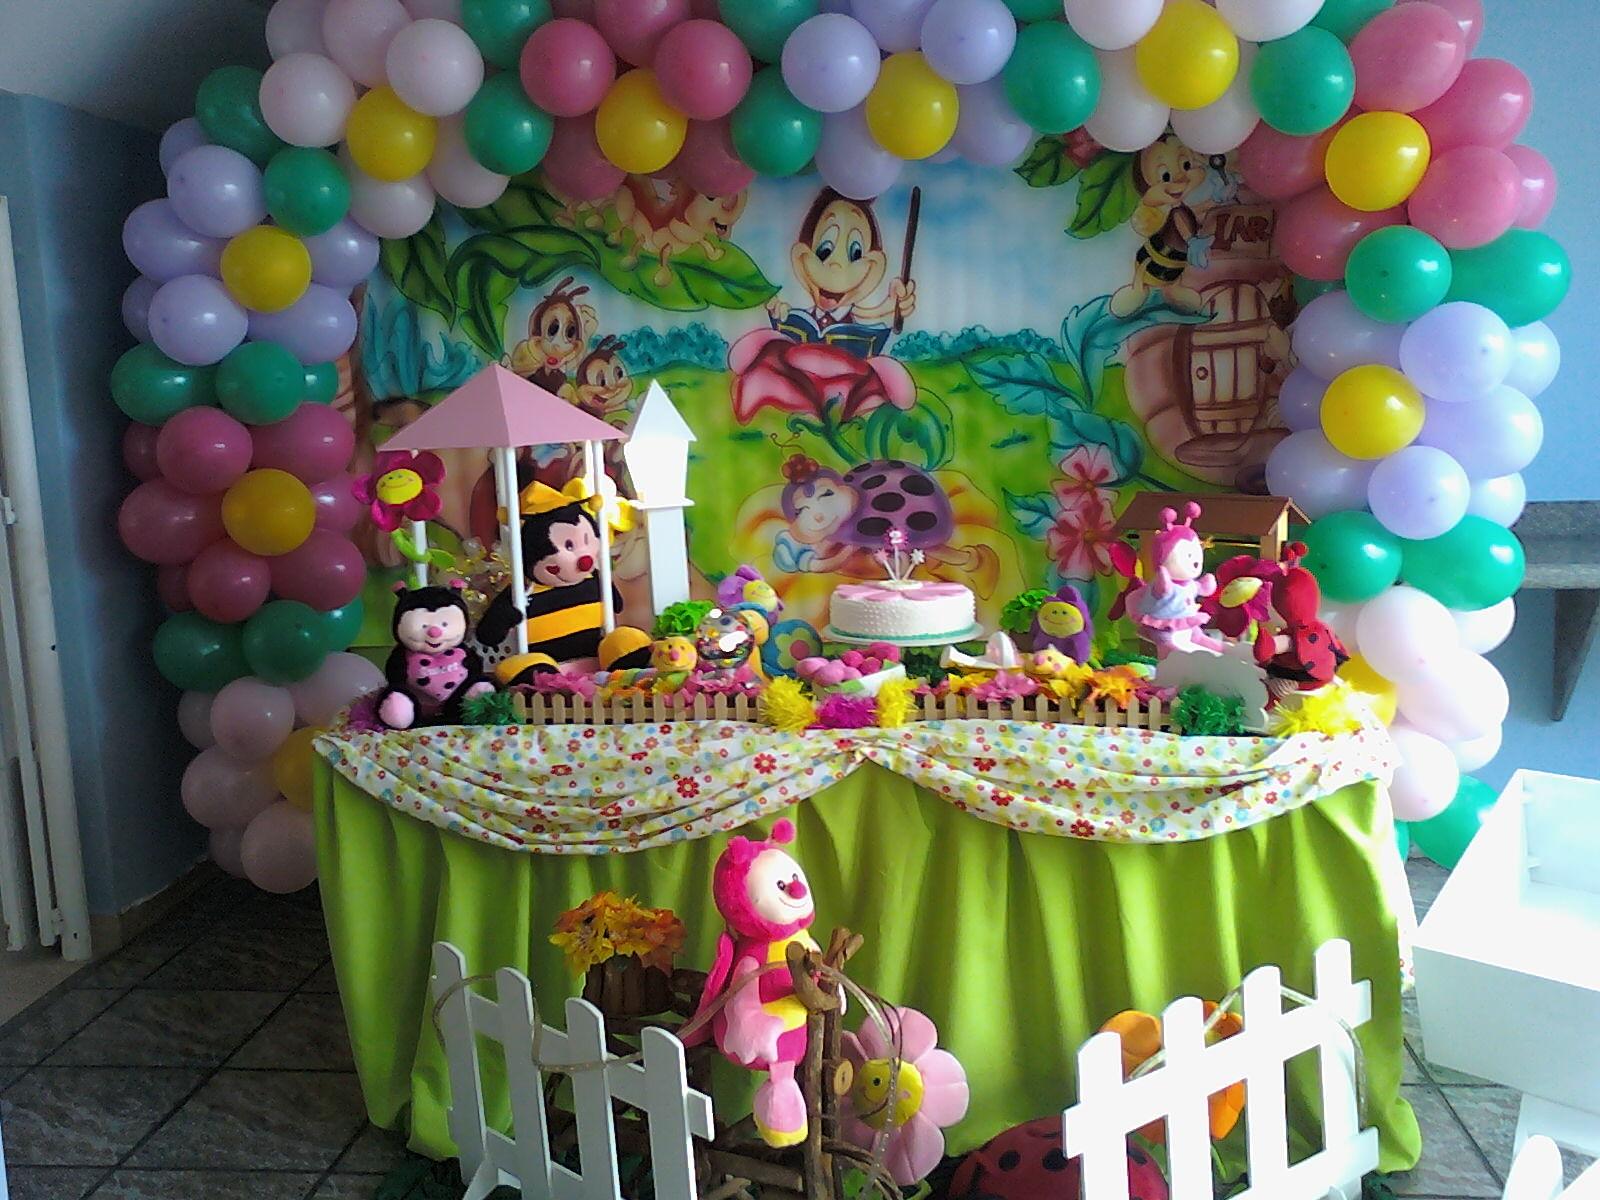 decoracao festa infantil jardim encantado joaninha : decoracao festa infantil jardim encantado joaninha:bichinhos de jardim que fazem a alegria das crianças!!! São joaninha